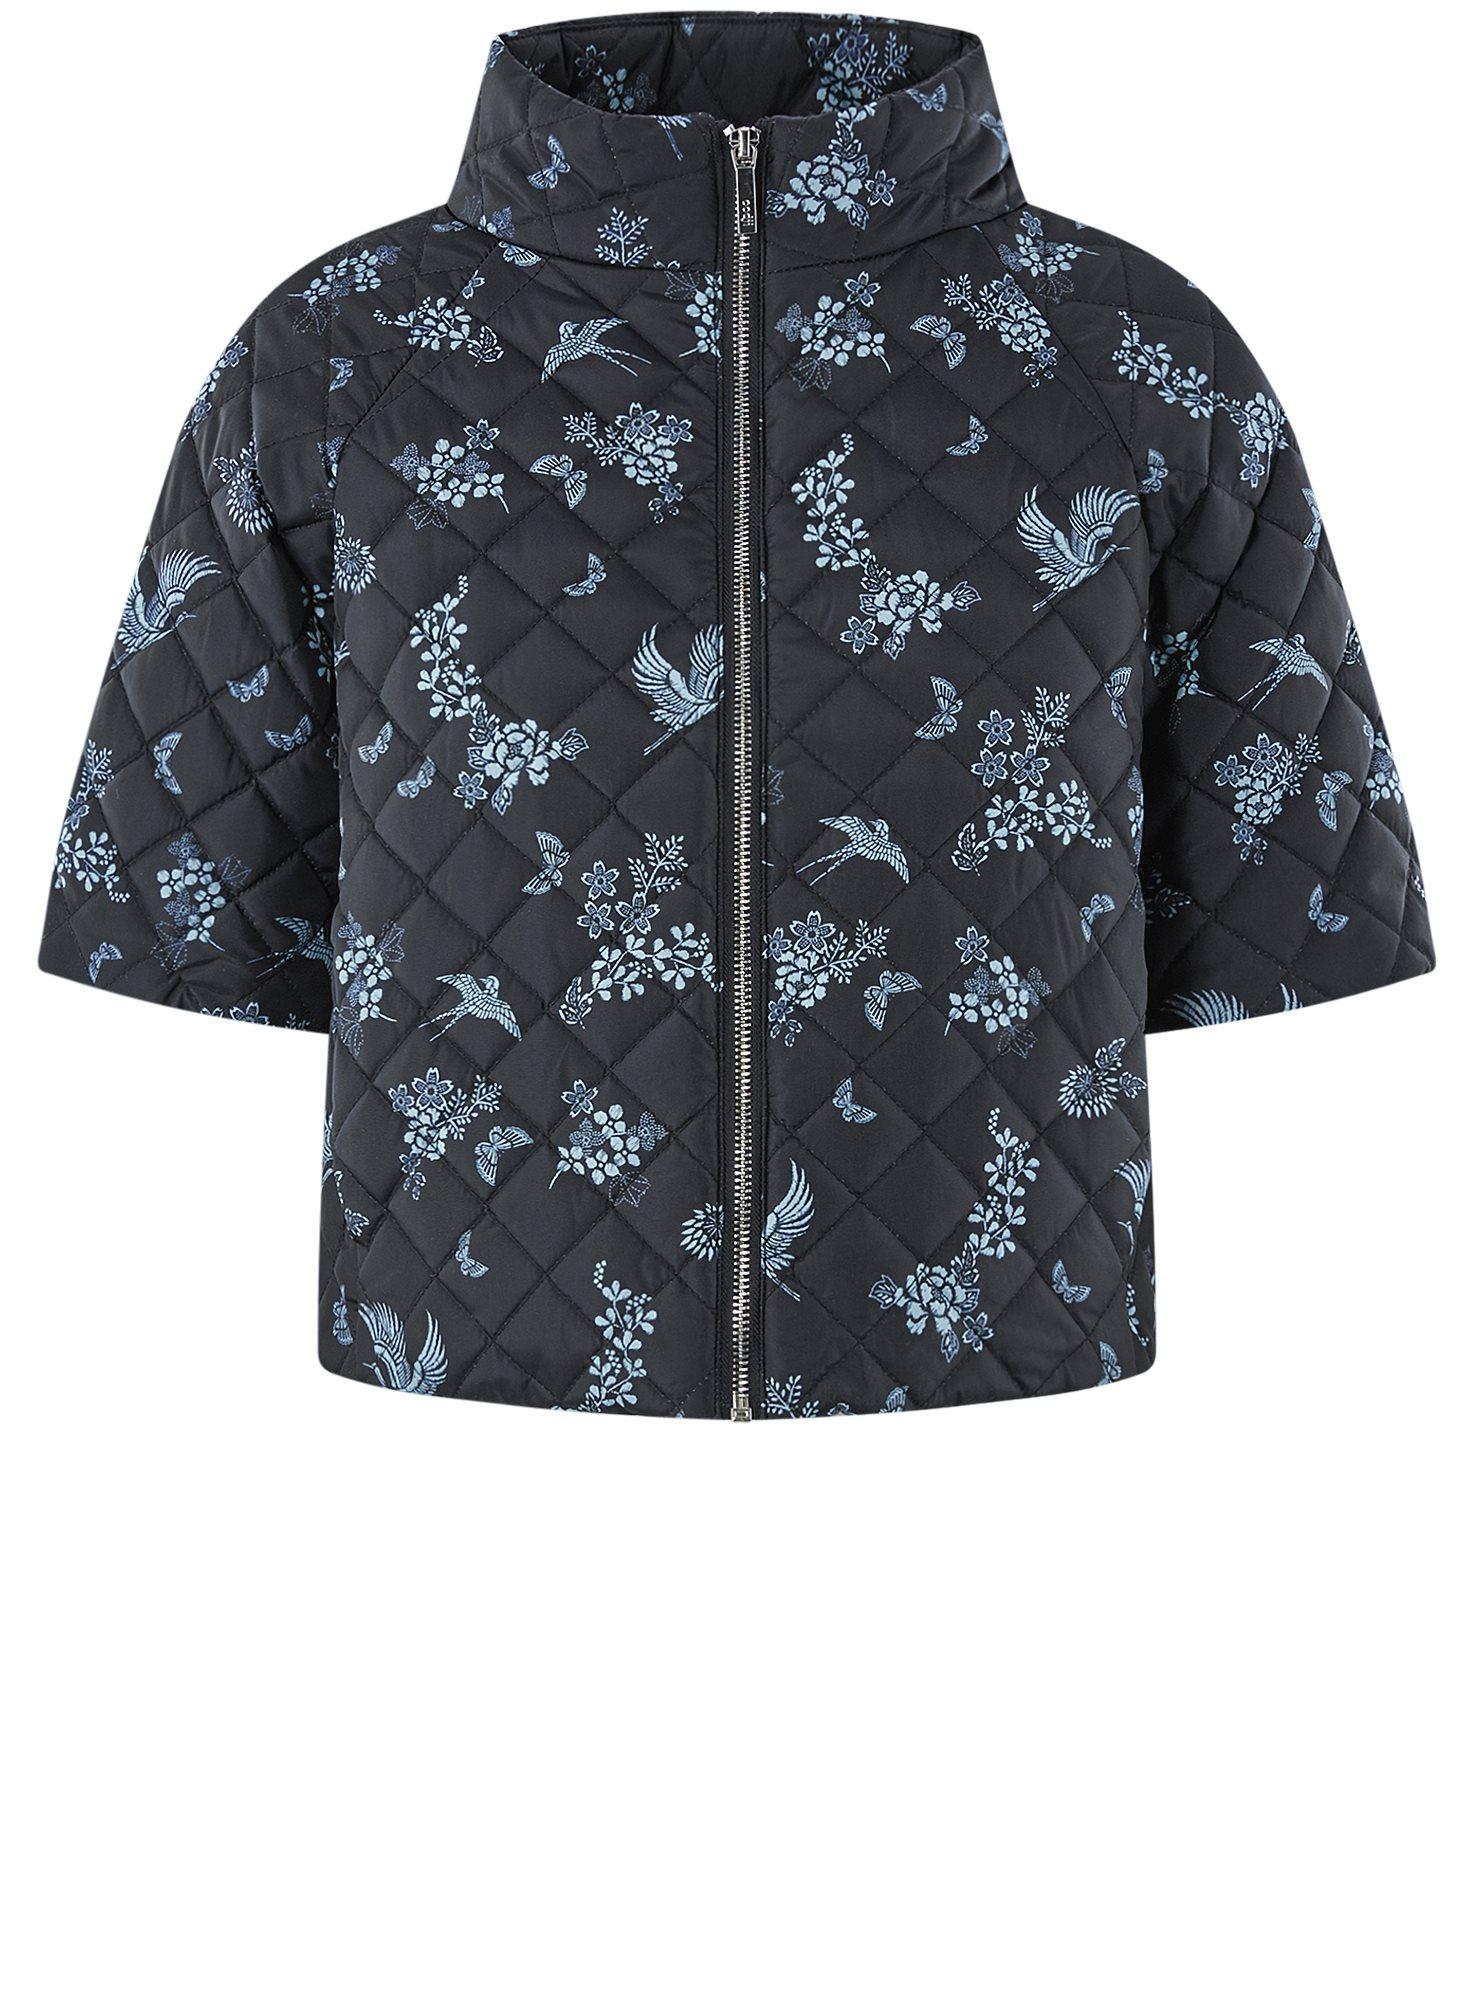 Куртка стеганая принтованная oodji для женщины (черный), 10207002-1/45419/2970F